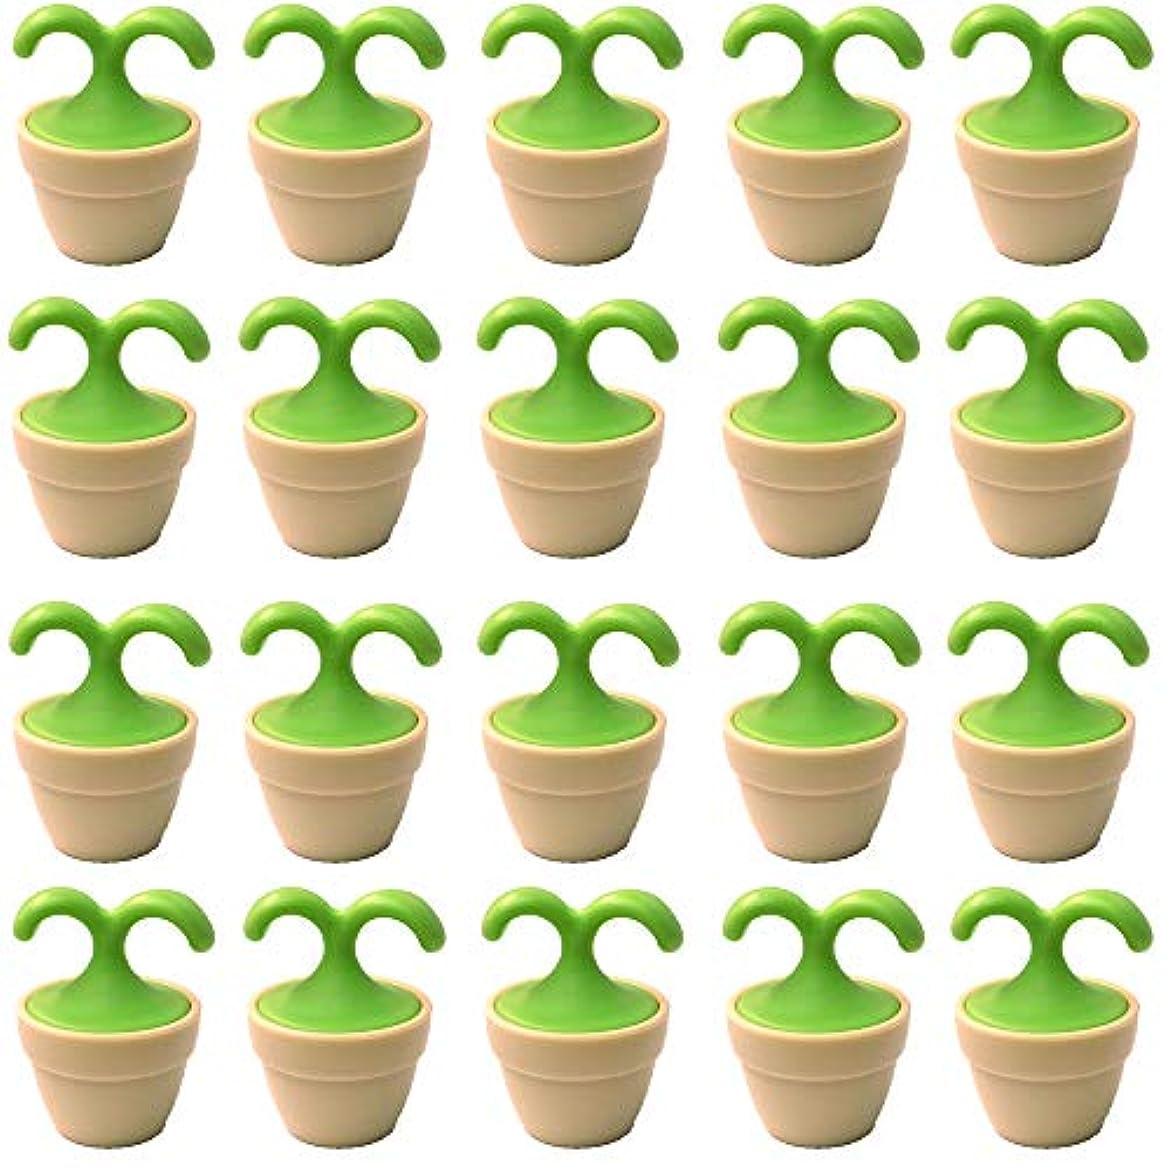 従事した芽自慢植木鉢コロコロマッサージャー 20個入り 退職転勤お礼プチギフト 専用ボックス入りラッピング サンキューシール付き(20個入り)